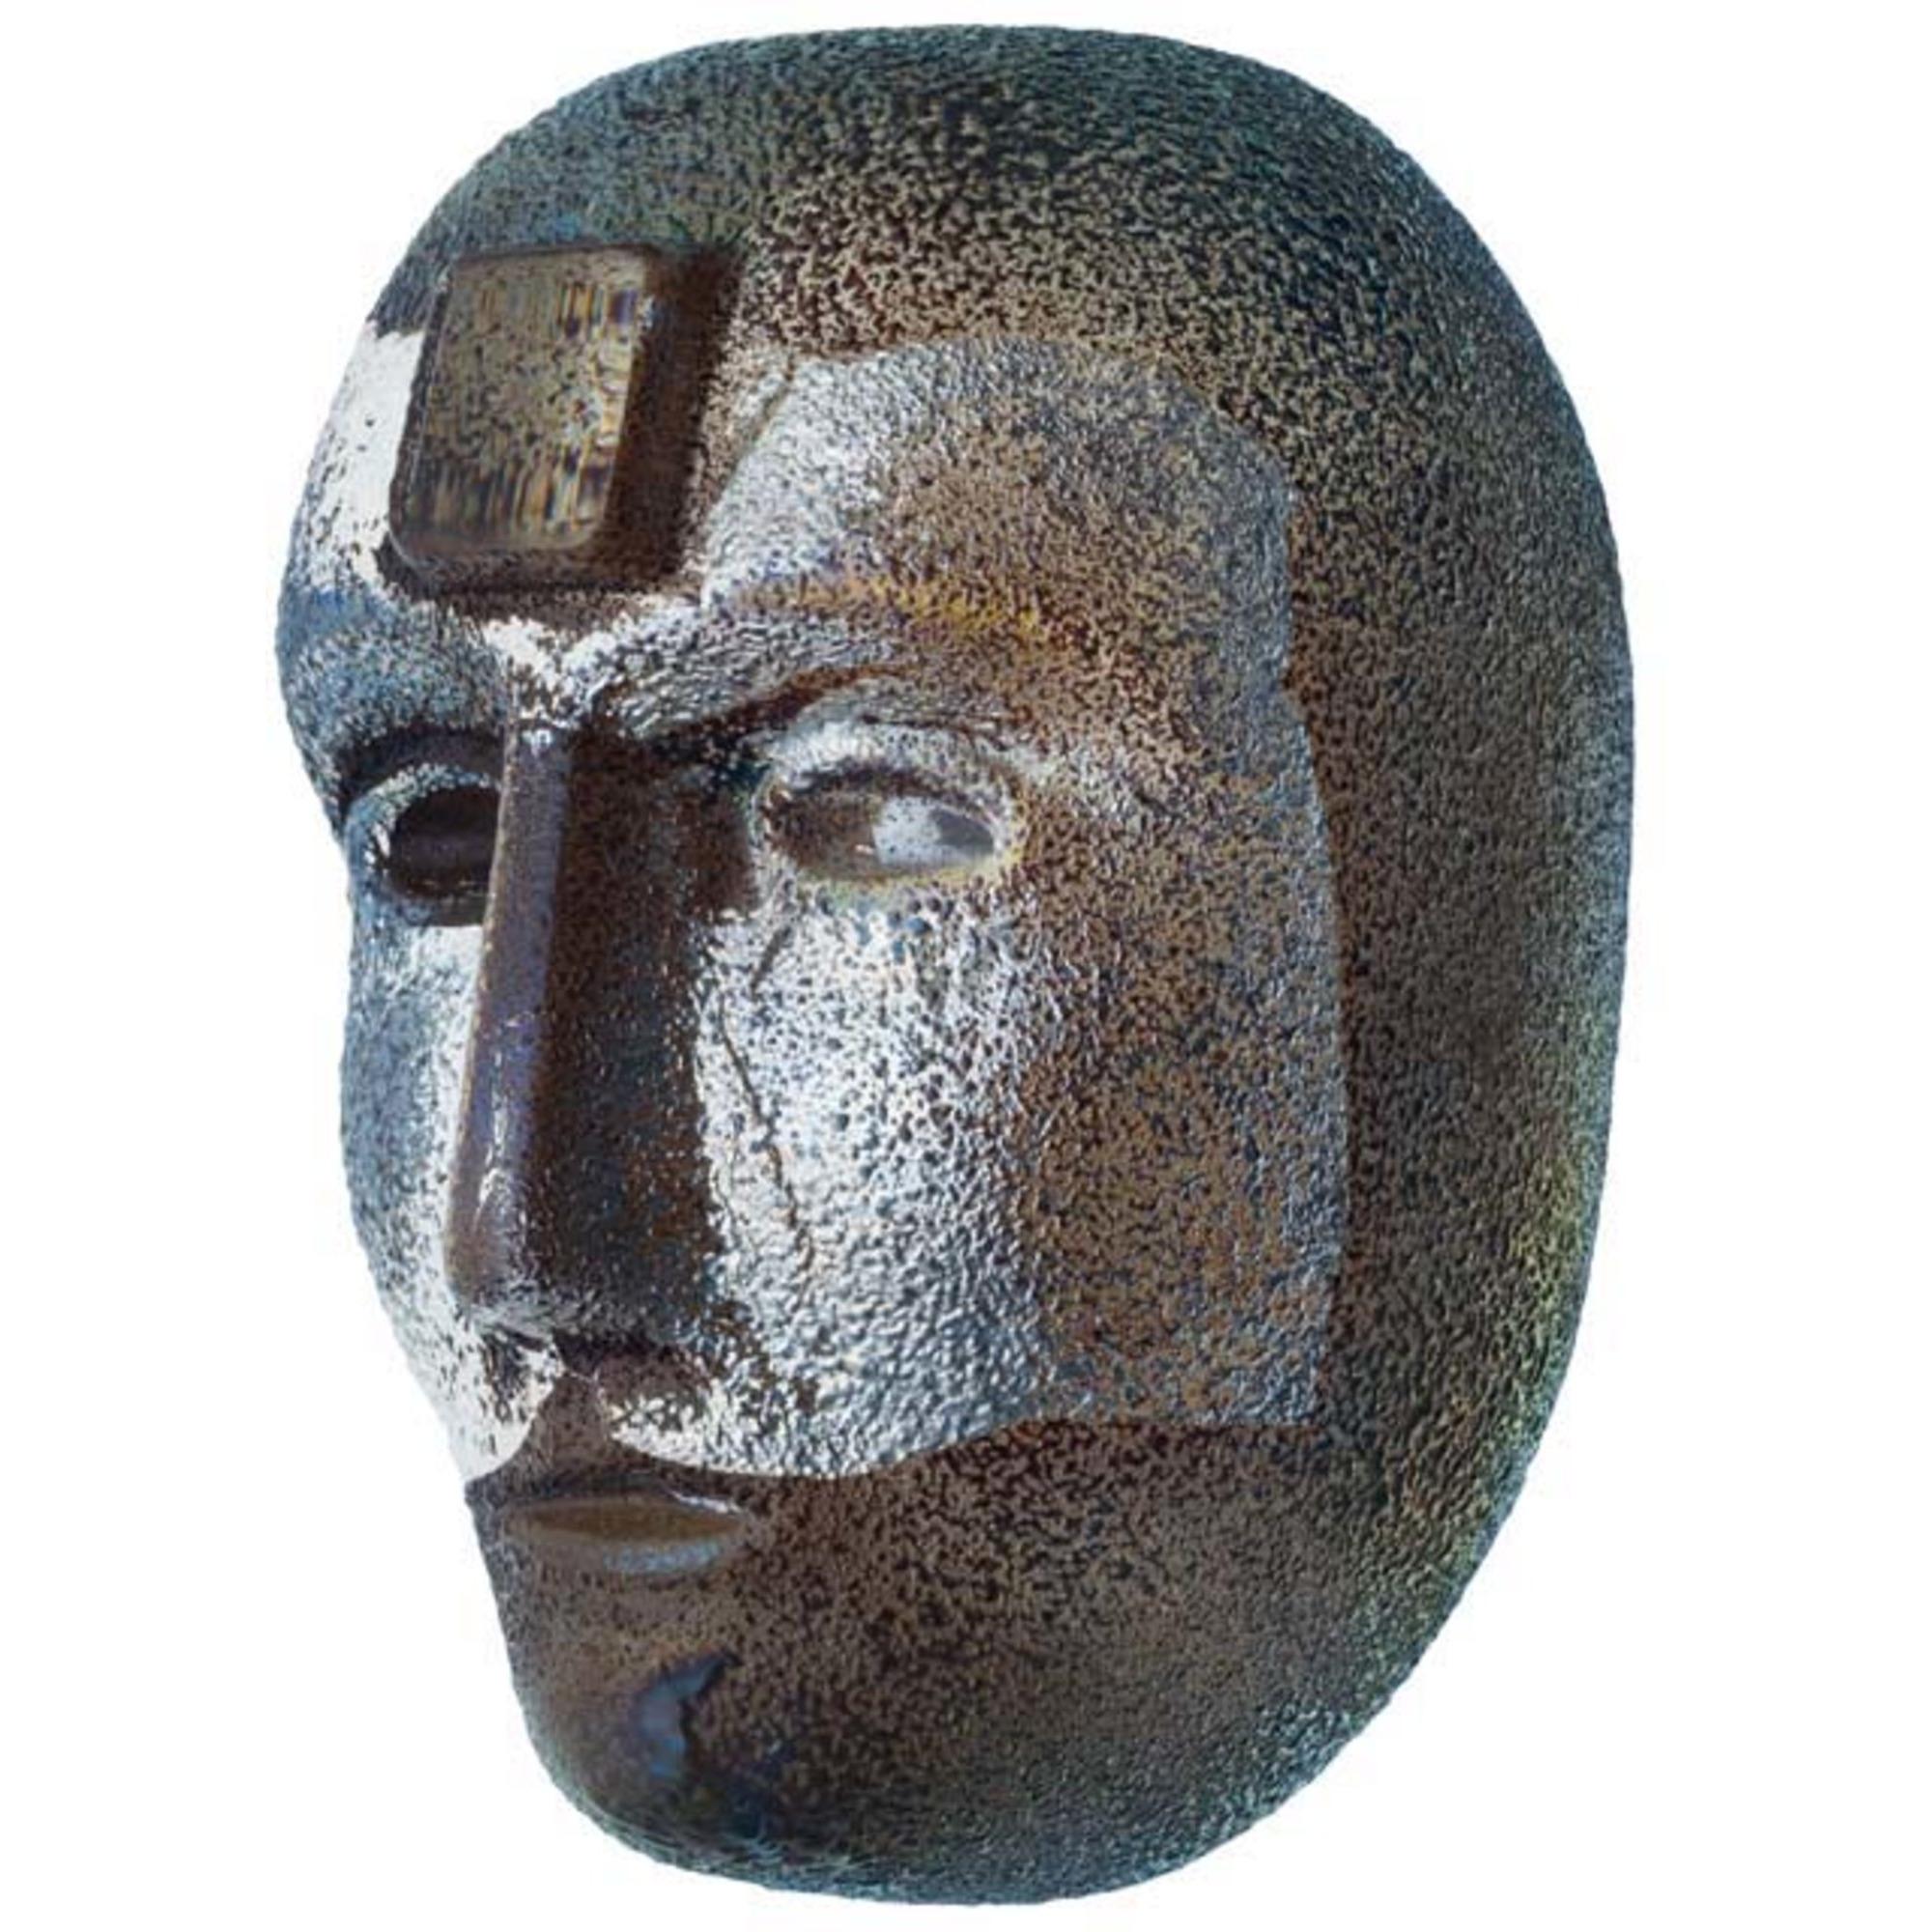 Kosta Boda Look Skulptur Hjärna In